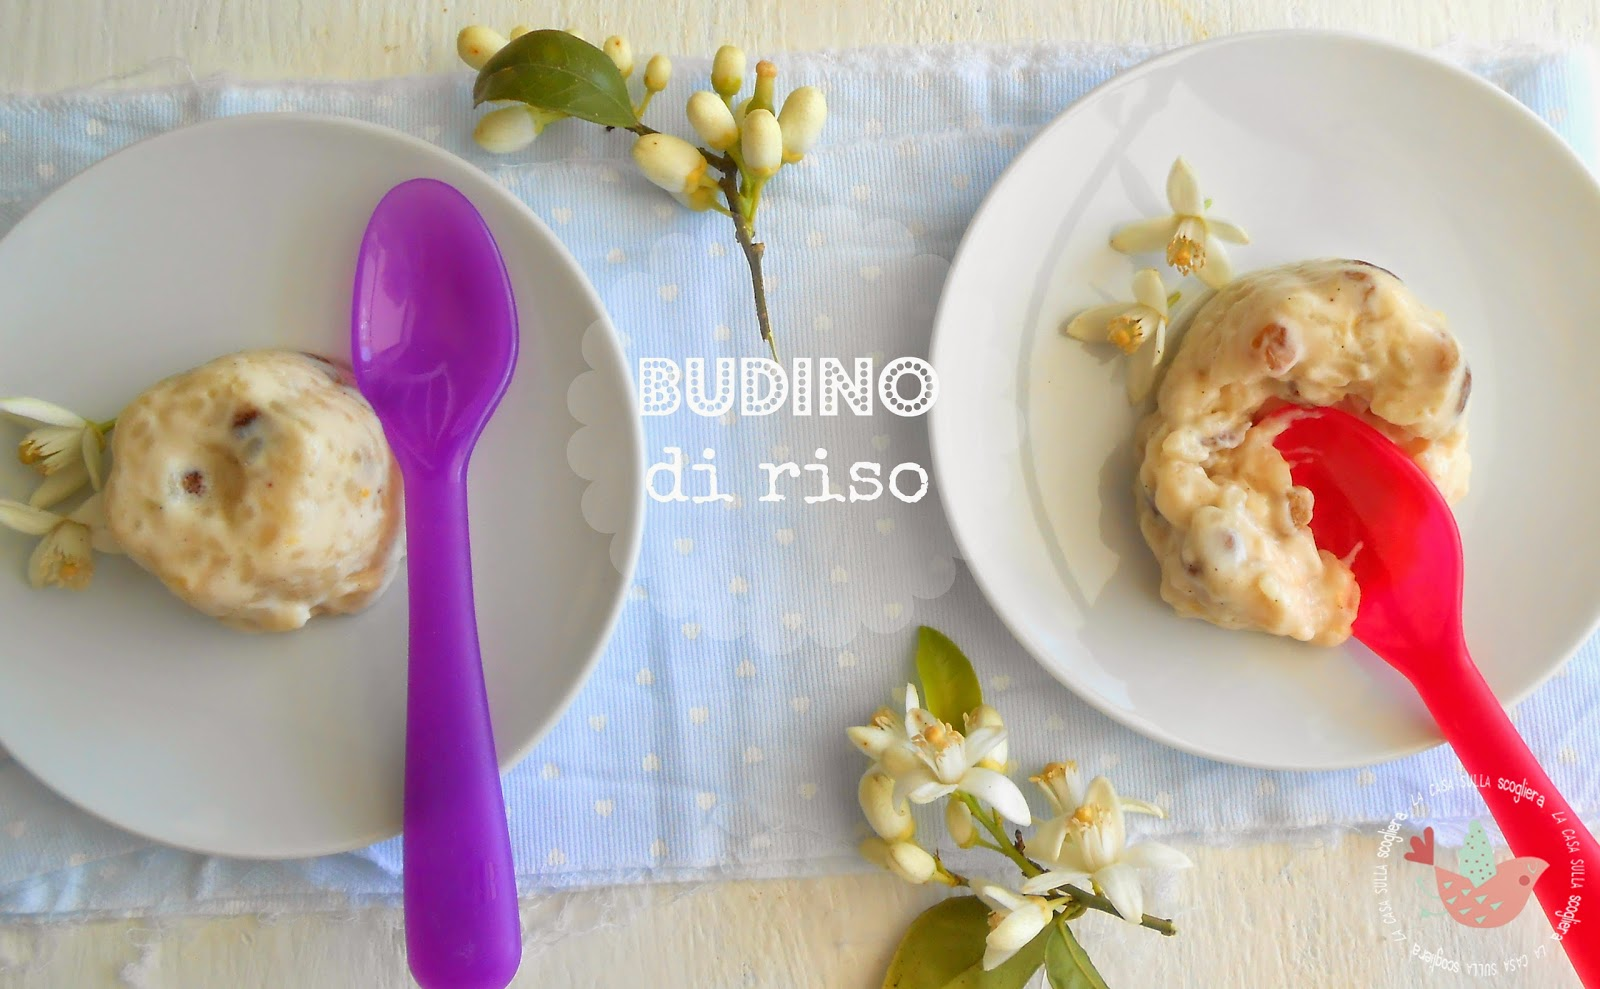 Un'antica ricetta veneta dalle lontane origini orientali. Questi Budìn de riso non vi deluderanno, sono meravigliosi come dessert o come merenda leggera e dolcissima!